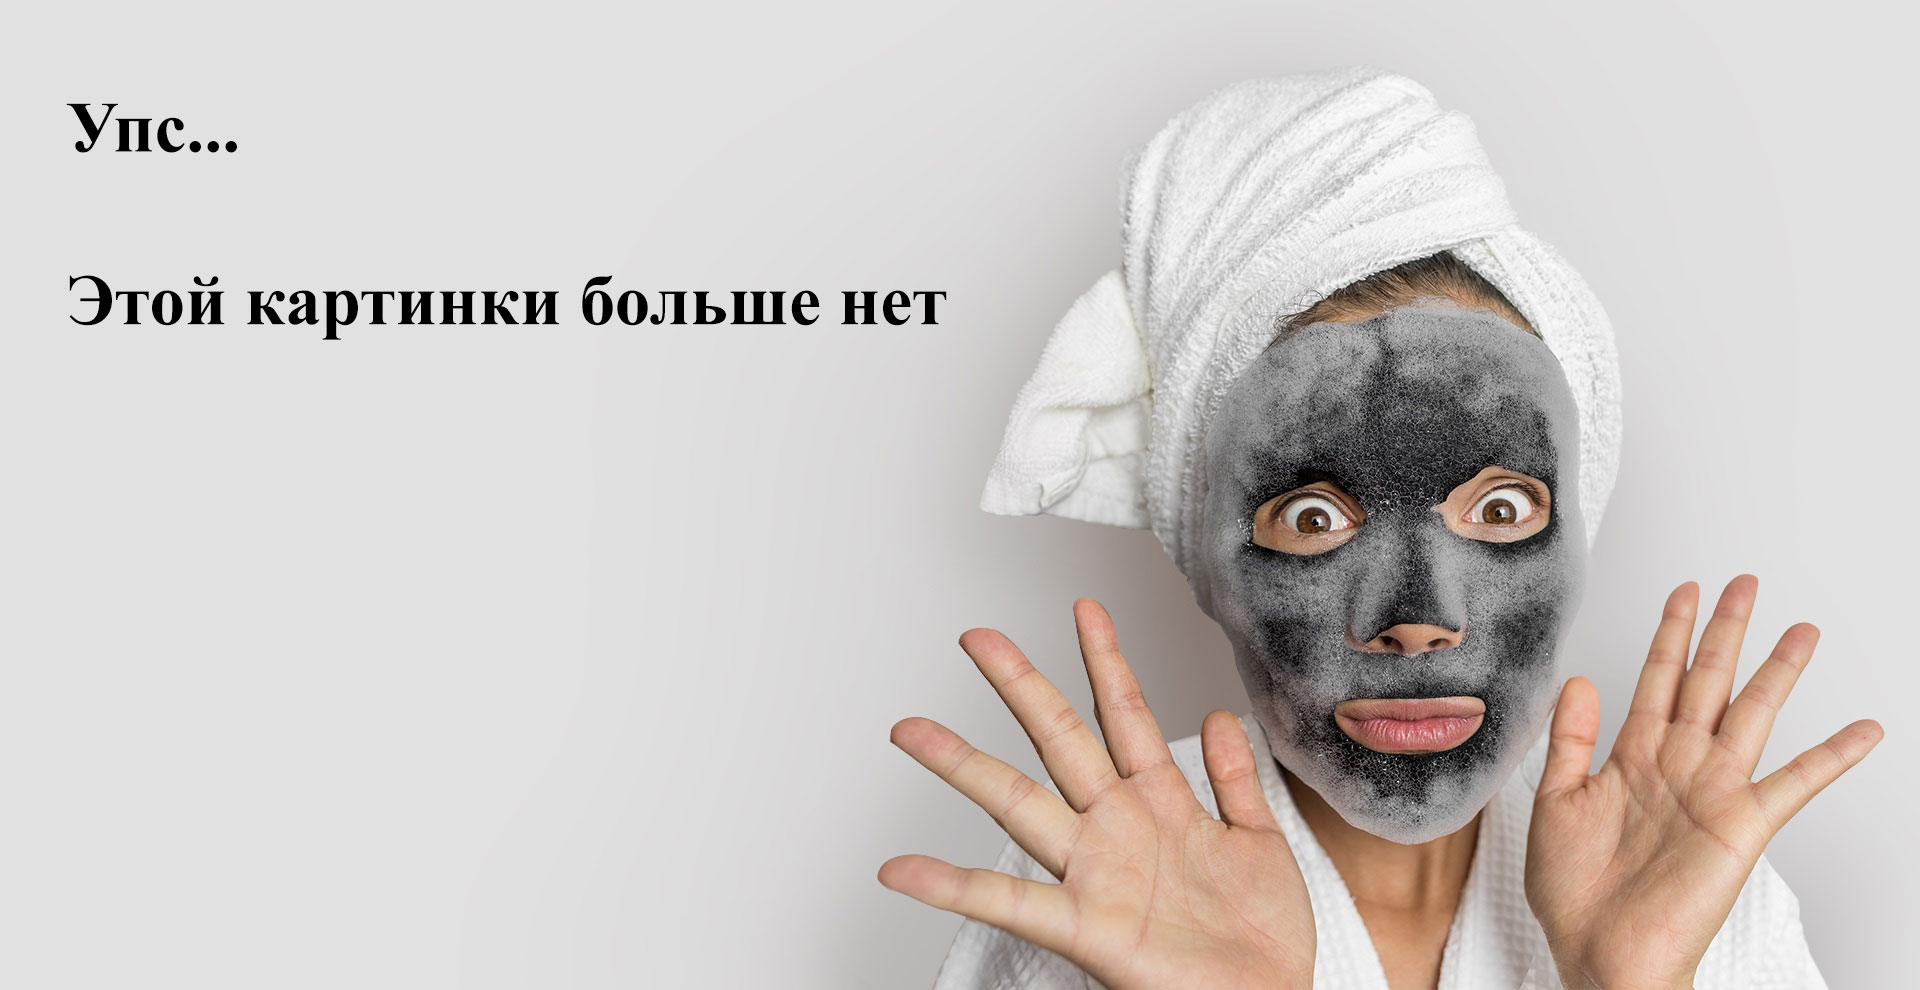 Сделанопчелой, Крем для рук Coconut, 20 г